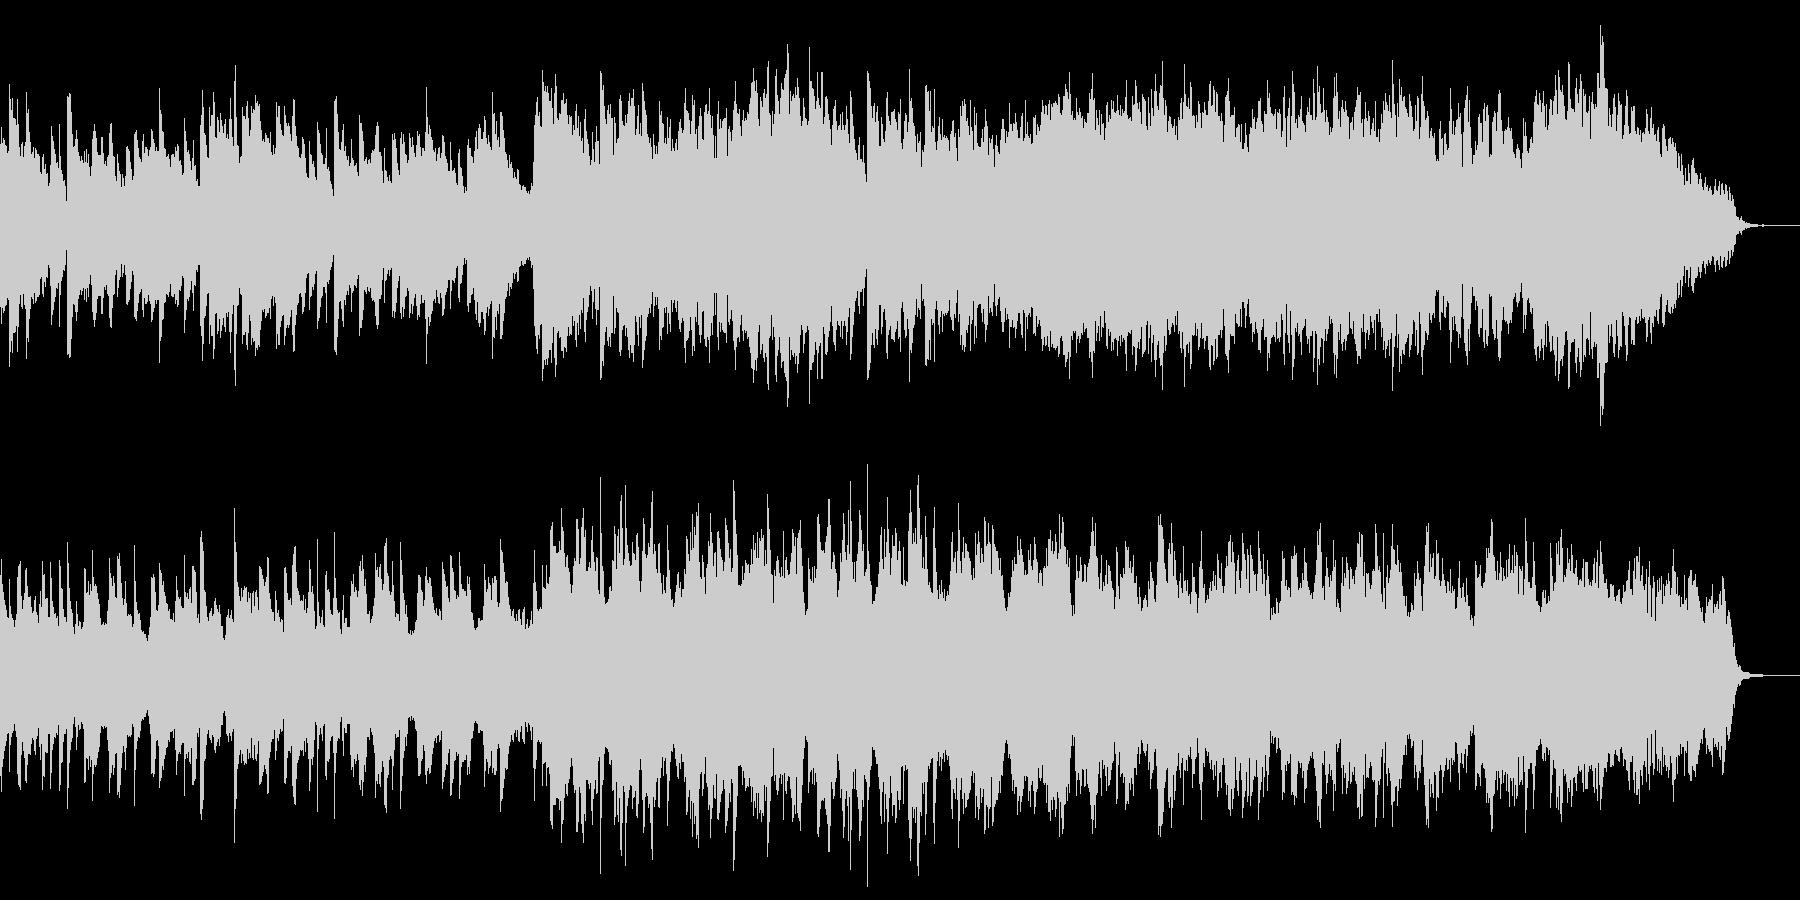 日常シーン向けのピアノストリングス曲の未再生の波形